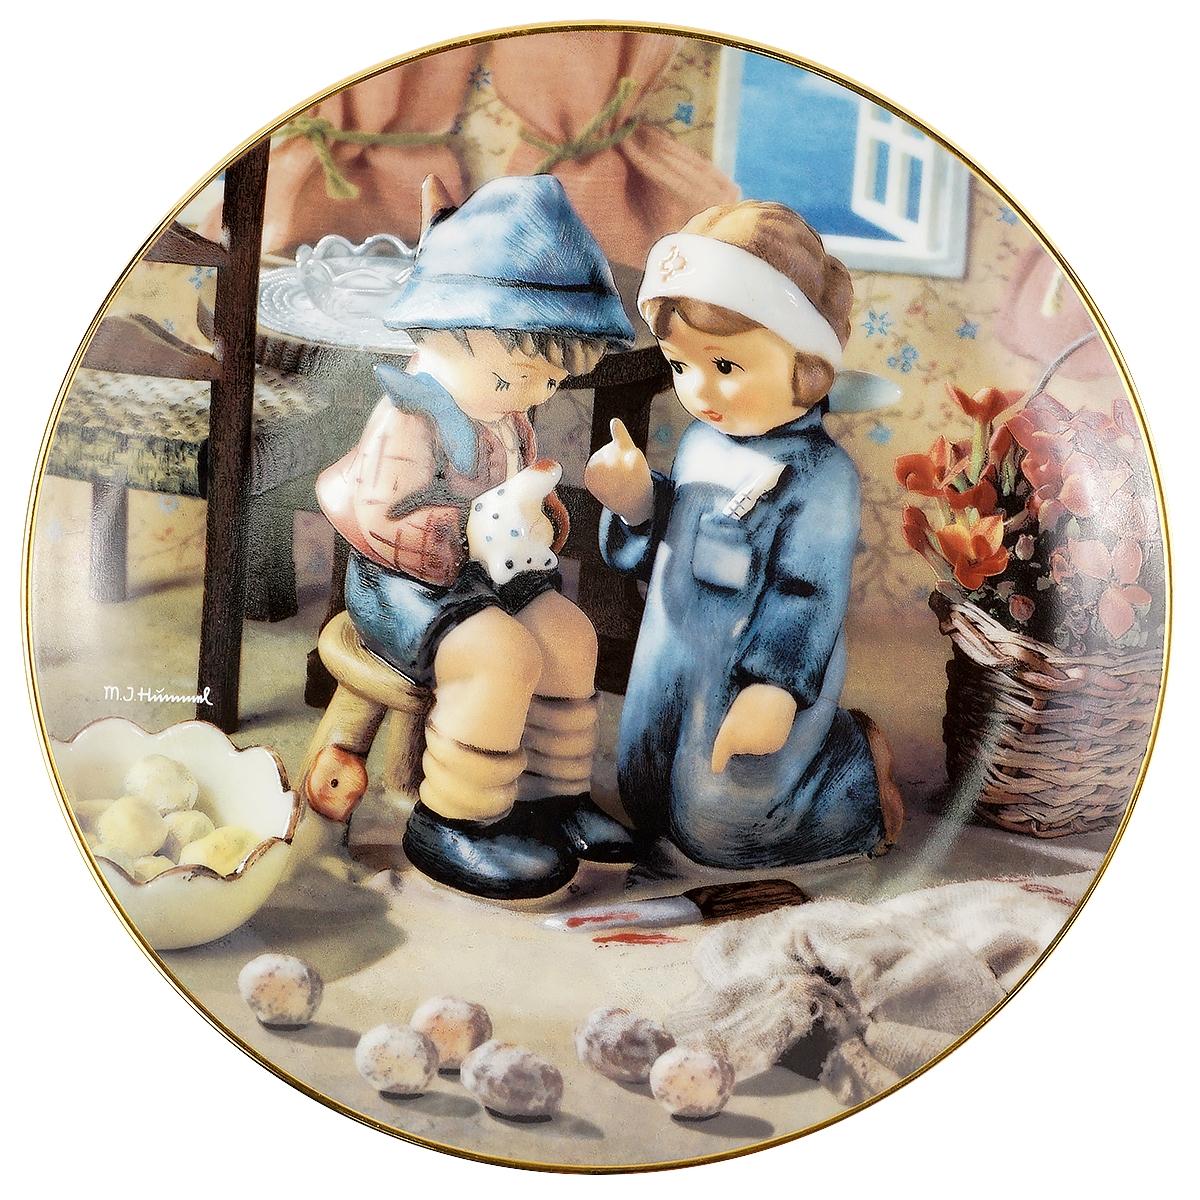 Декоративная тарелка Goebel Любовь и забота. Фарфор, деколь, золочение. Швейцария, вторая половина ХХ века декоративная тарелка goebel сюрприз фарфор деколь золочение швейцария вторая половина хх века